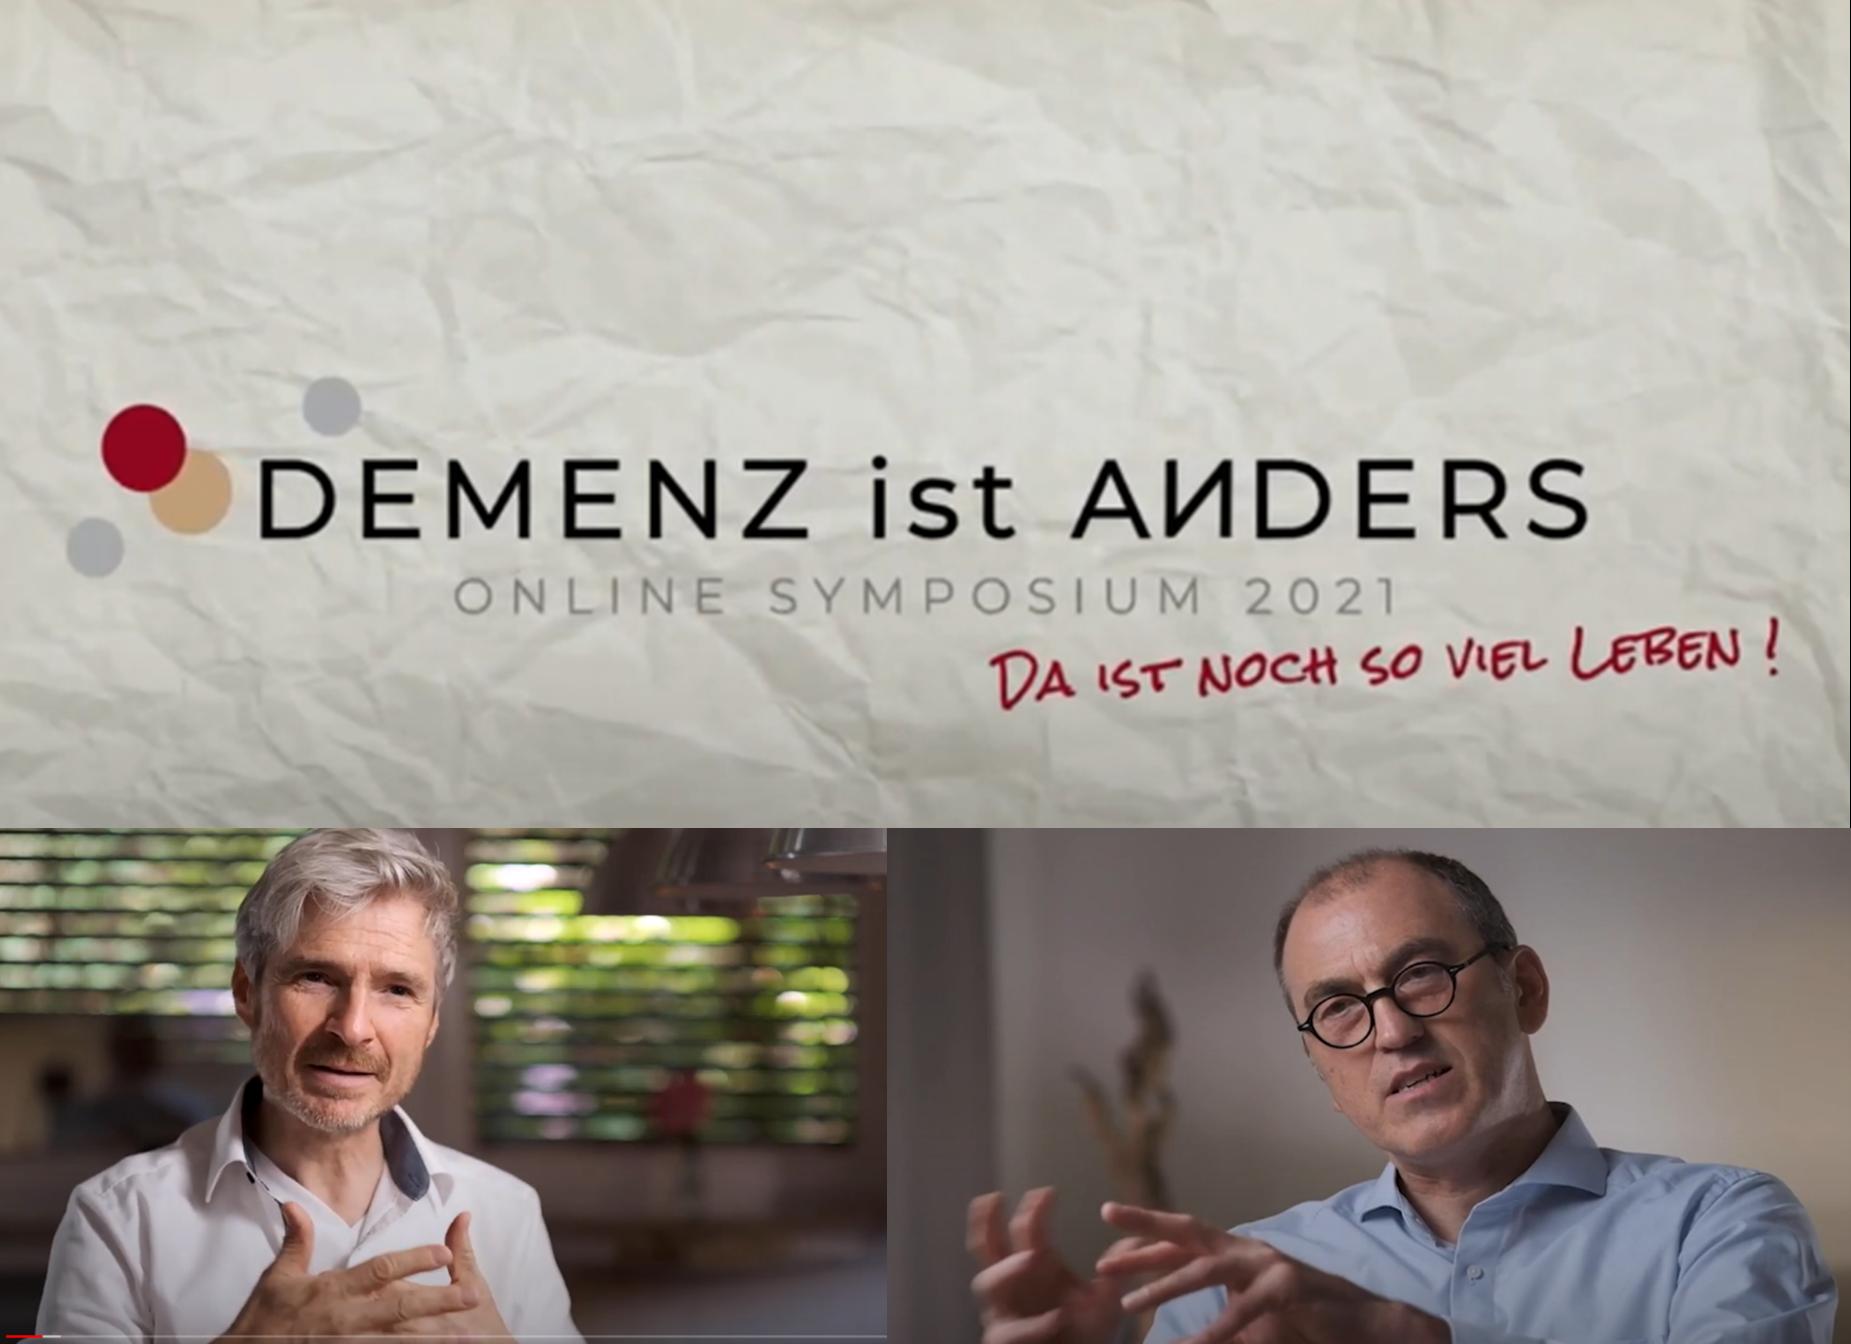 """Würde und Demenz - Ein Beitrag aus dem Symposium """"Demenz ist anders"""" - Michael Hagedorn im Gespräch mit Michael Beilmann"""